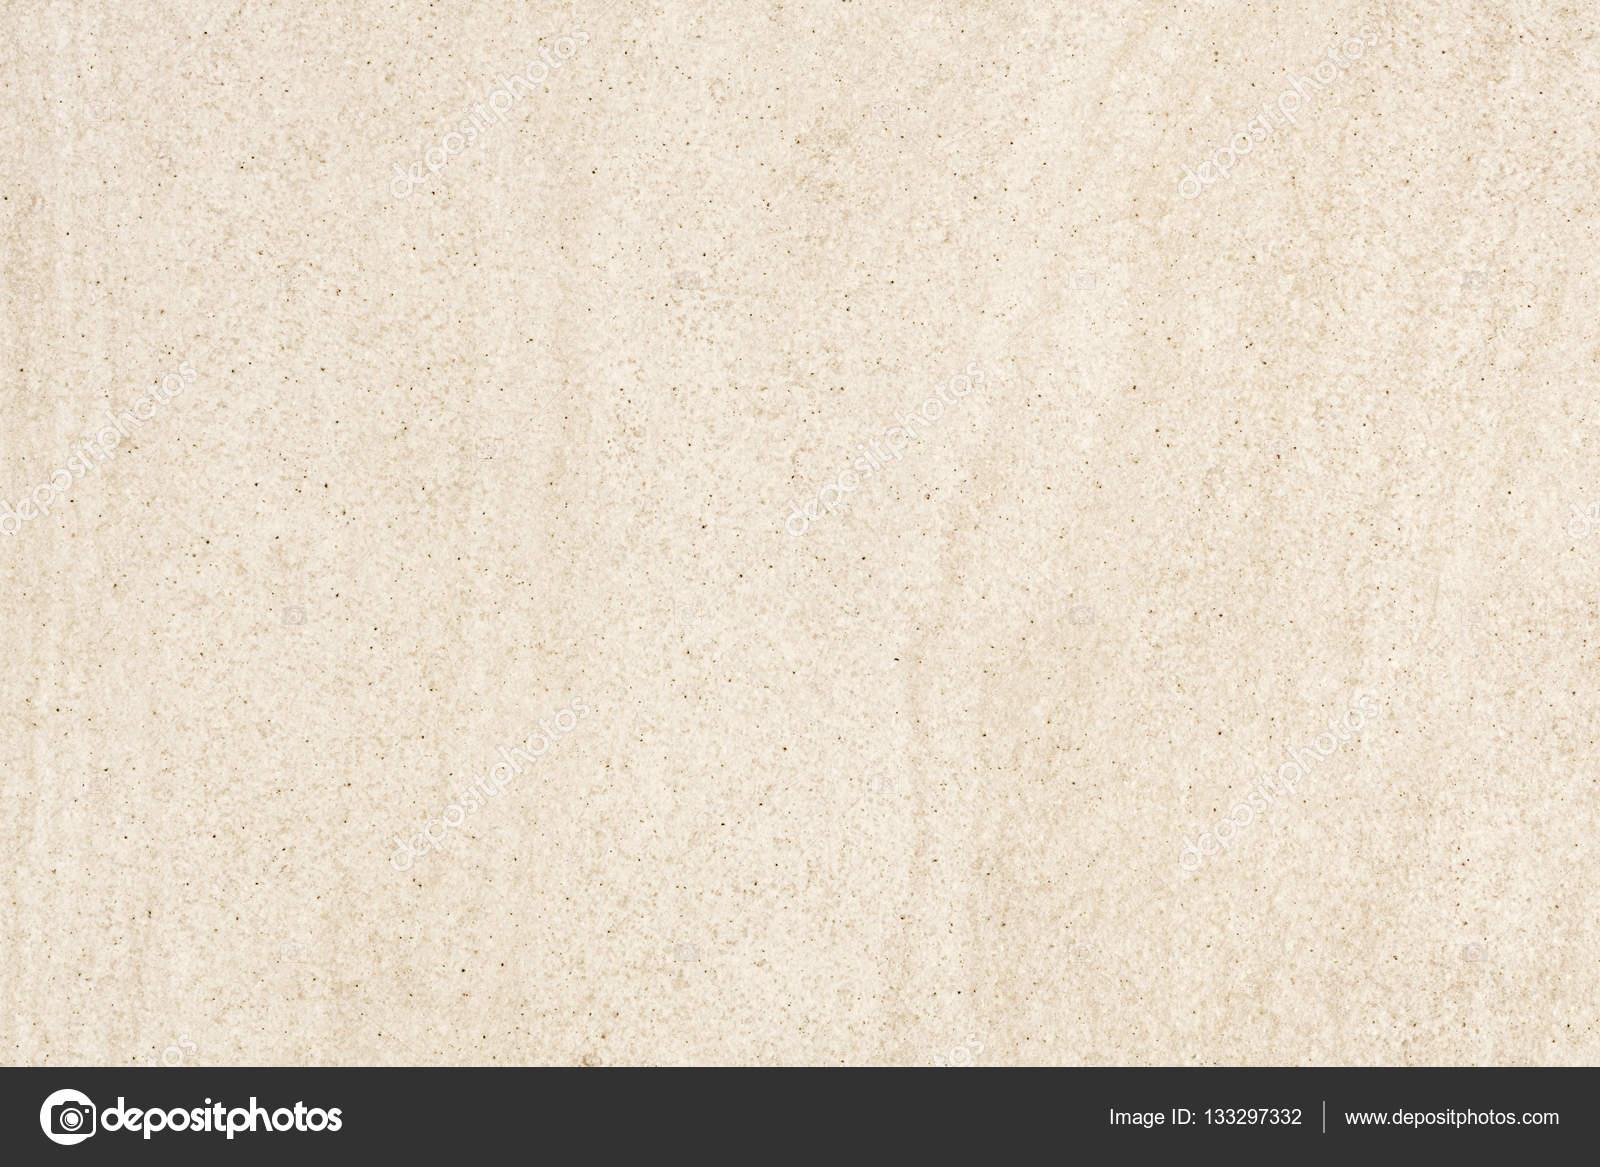 Ceramica gres porcellanato piastrelle texture o pattern. beige di